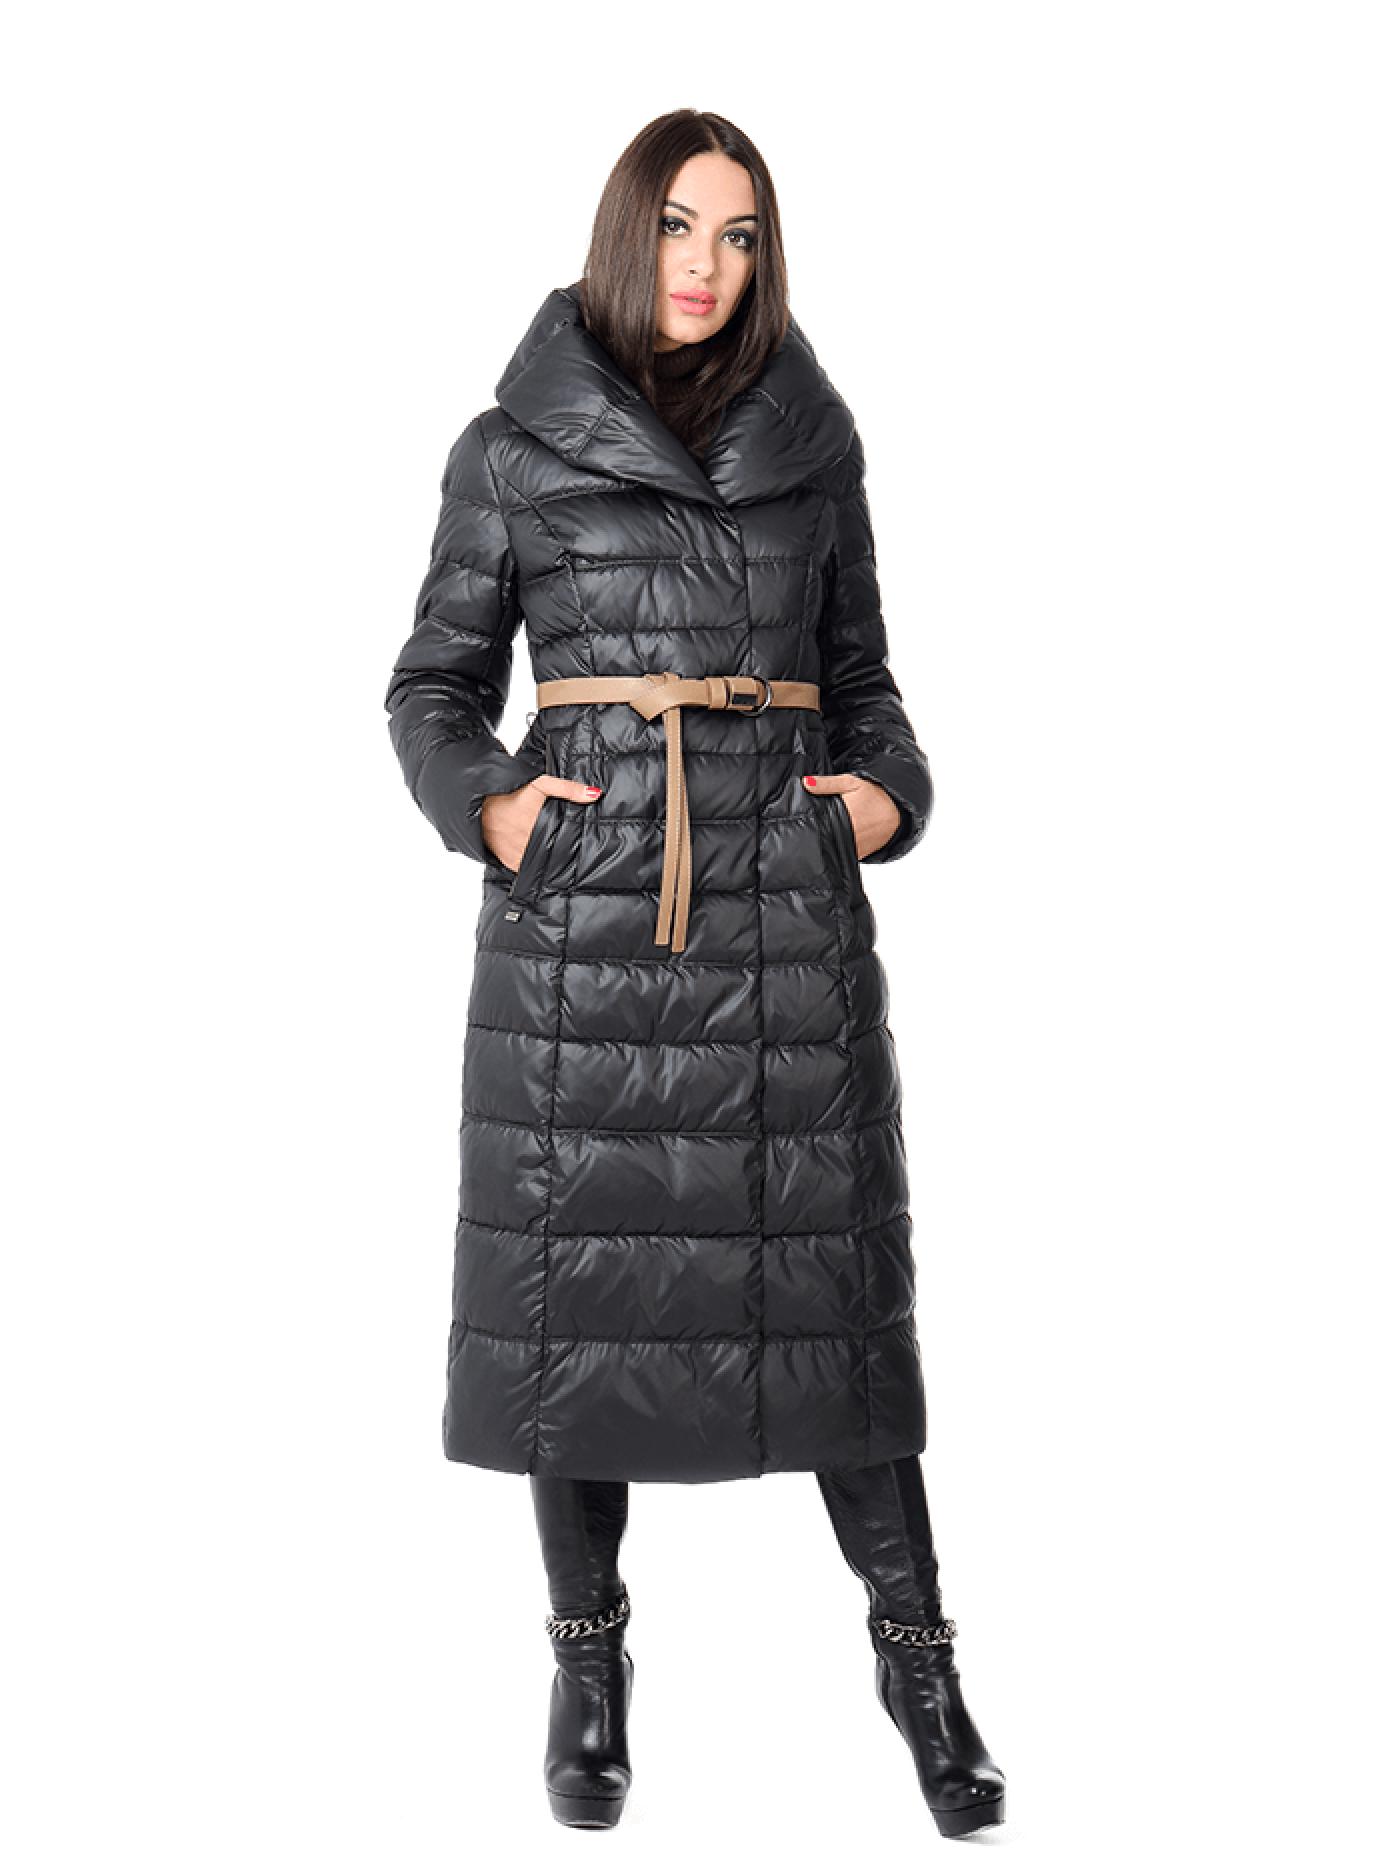 Куртка женская зимняя длинная с поясом Чёрный S (02-CD18075): фото - Alster.ua